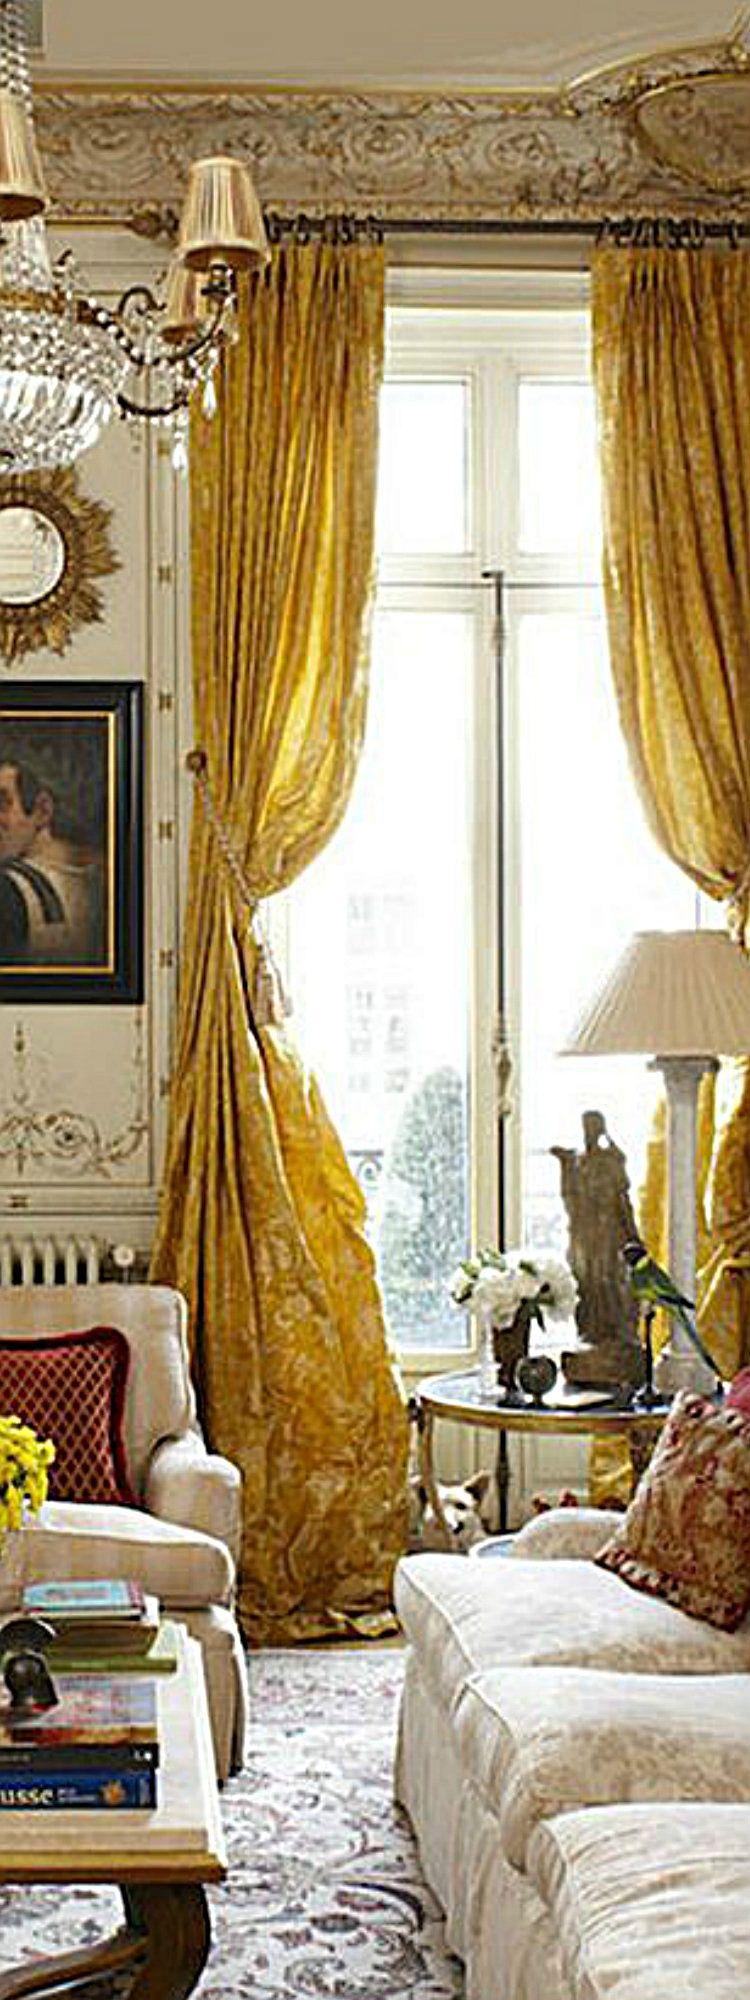 Innenarchitektur wohnzimmer lila pin von dekolina  auf hallo oktober   uu  pinterest